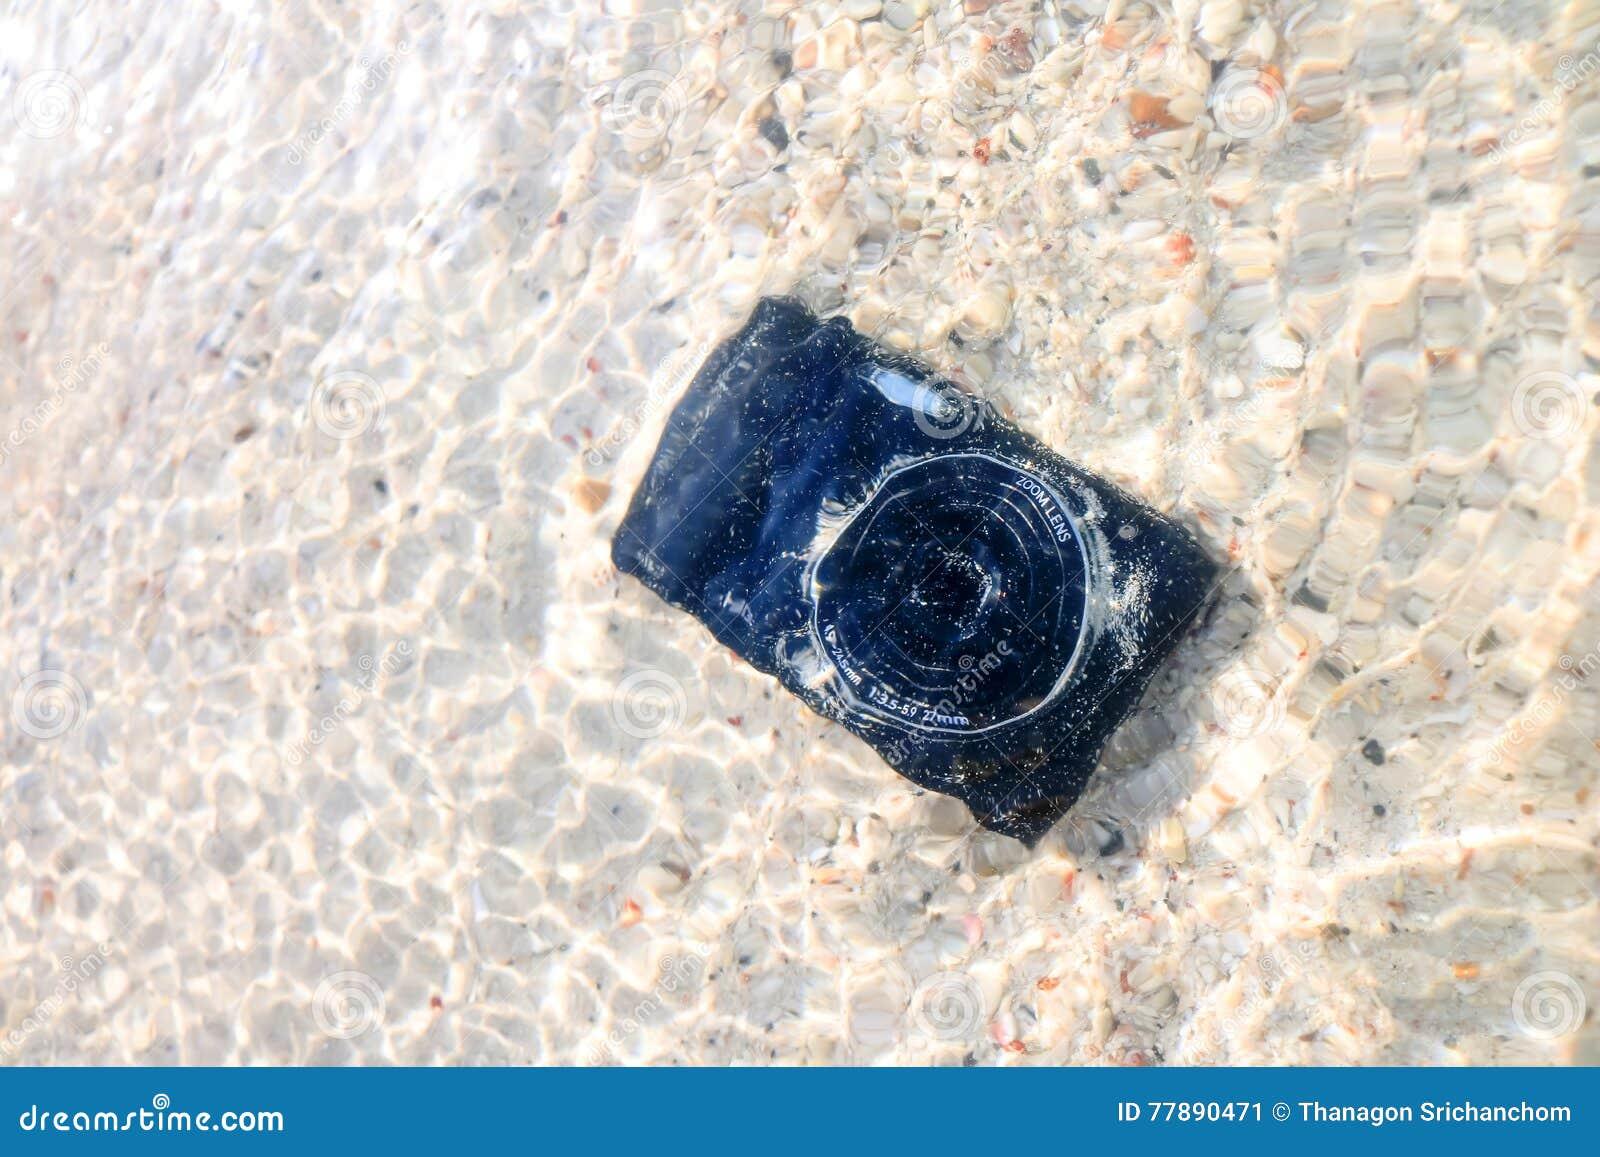 La Caída De La Cámara A La Agua De Mar Foto de archivo